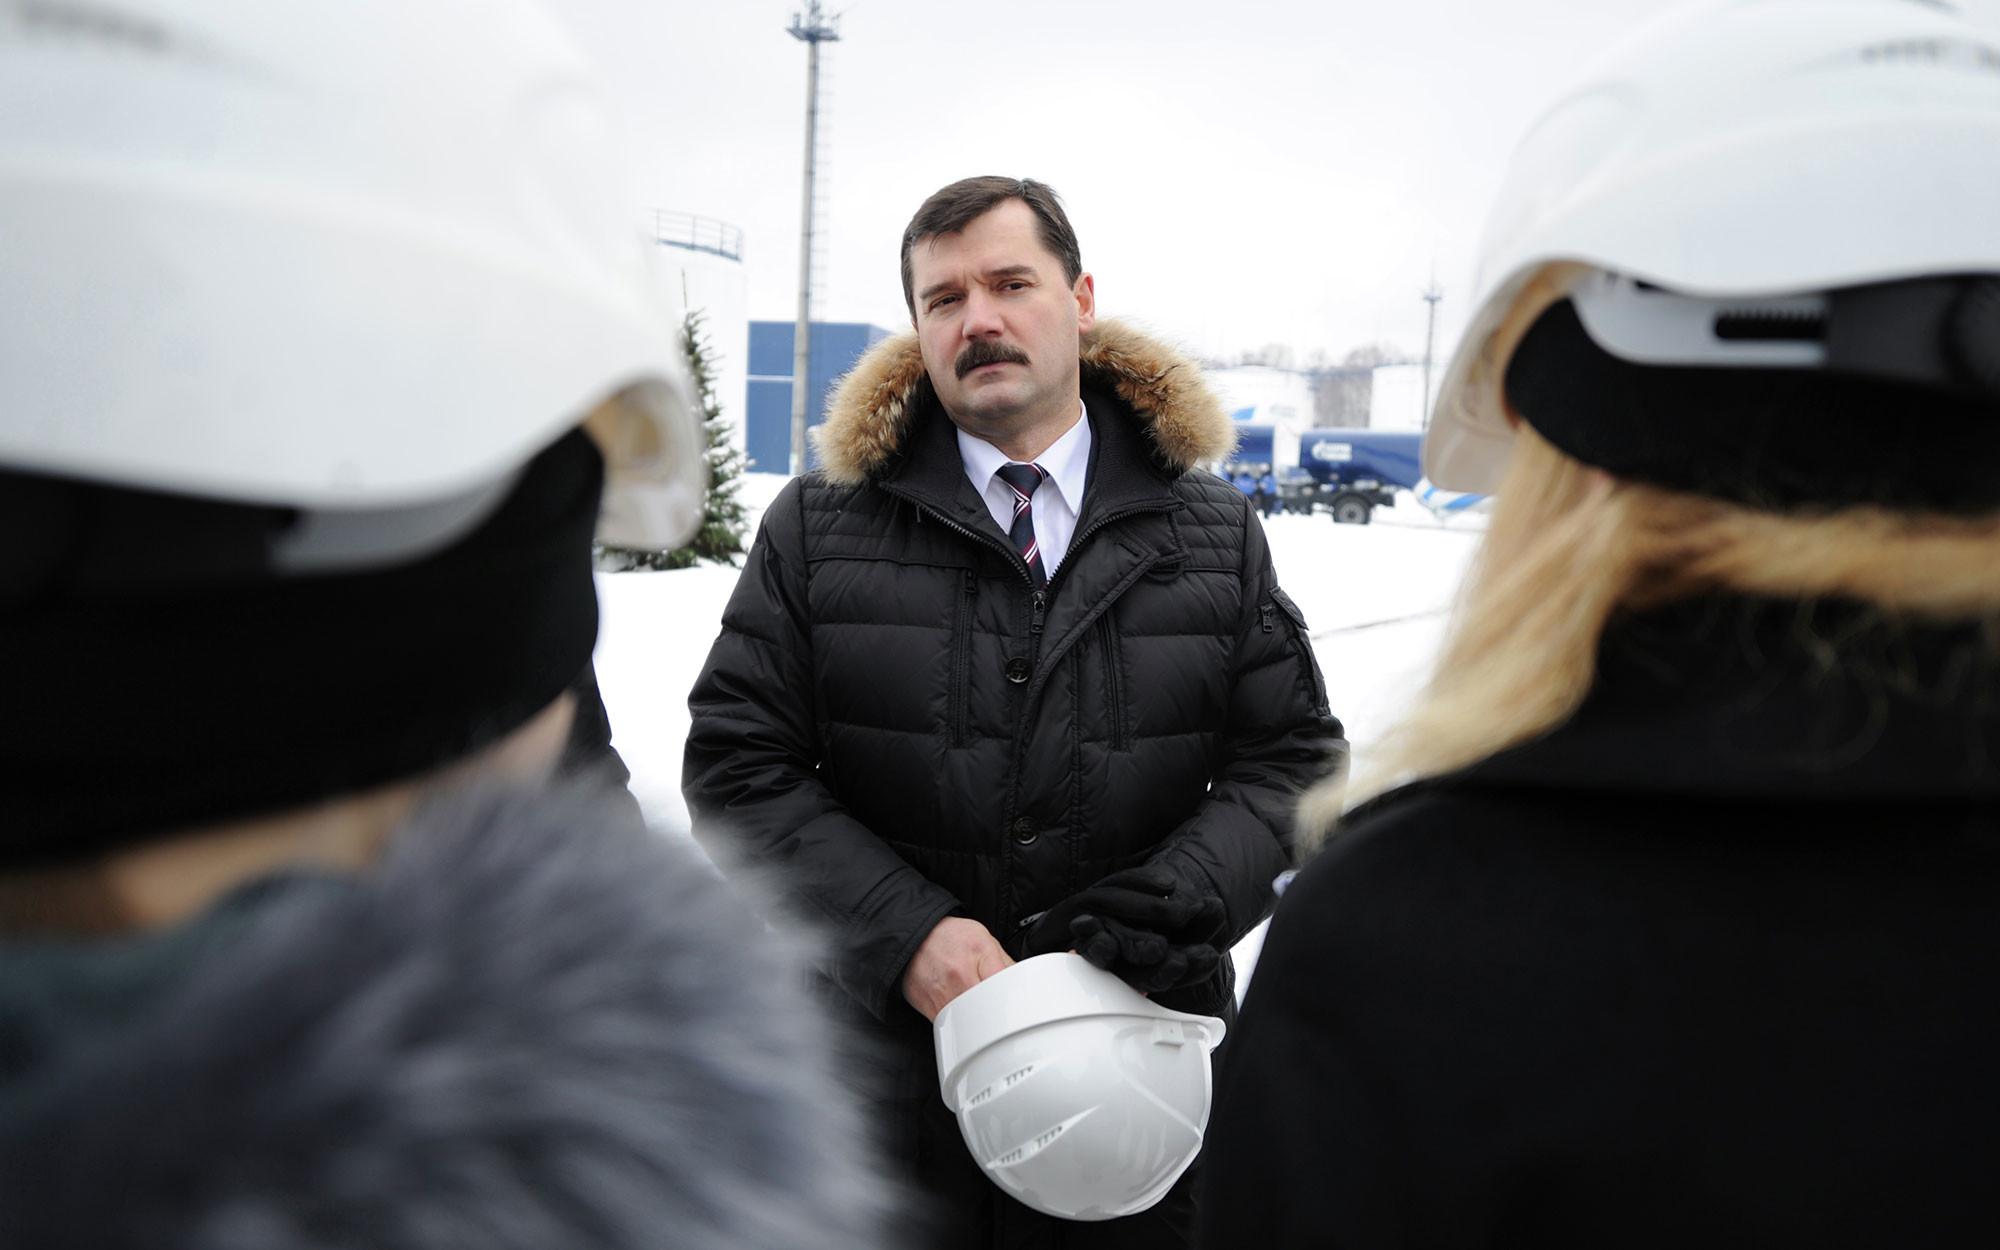 Глава Росавиации Александр Нерадько. Фото: © РИА Новости / Алексей Филиппов